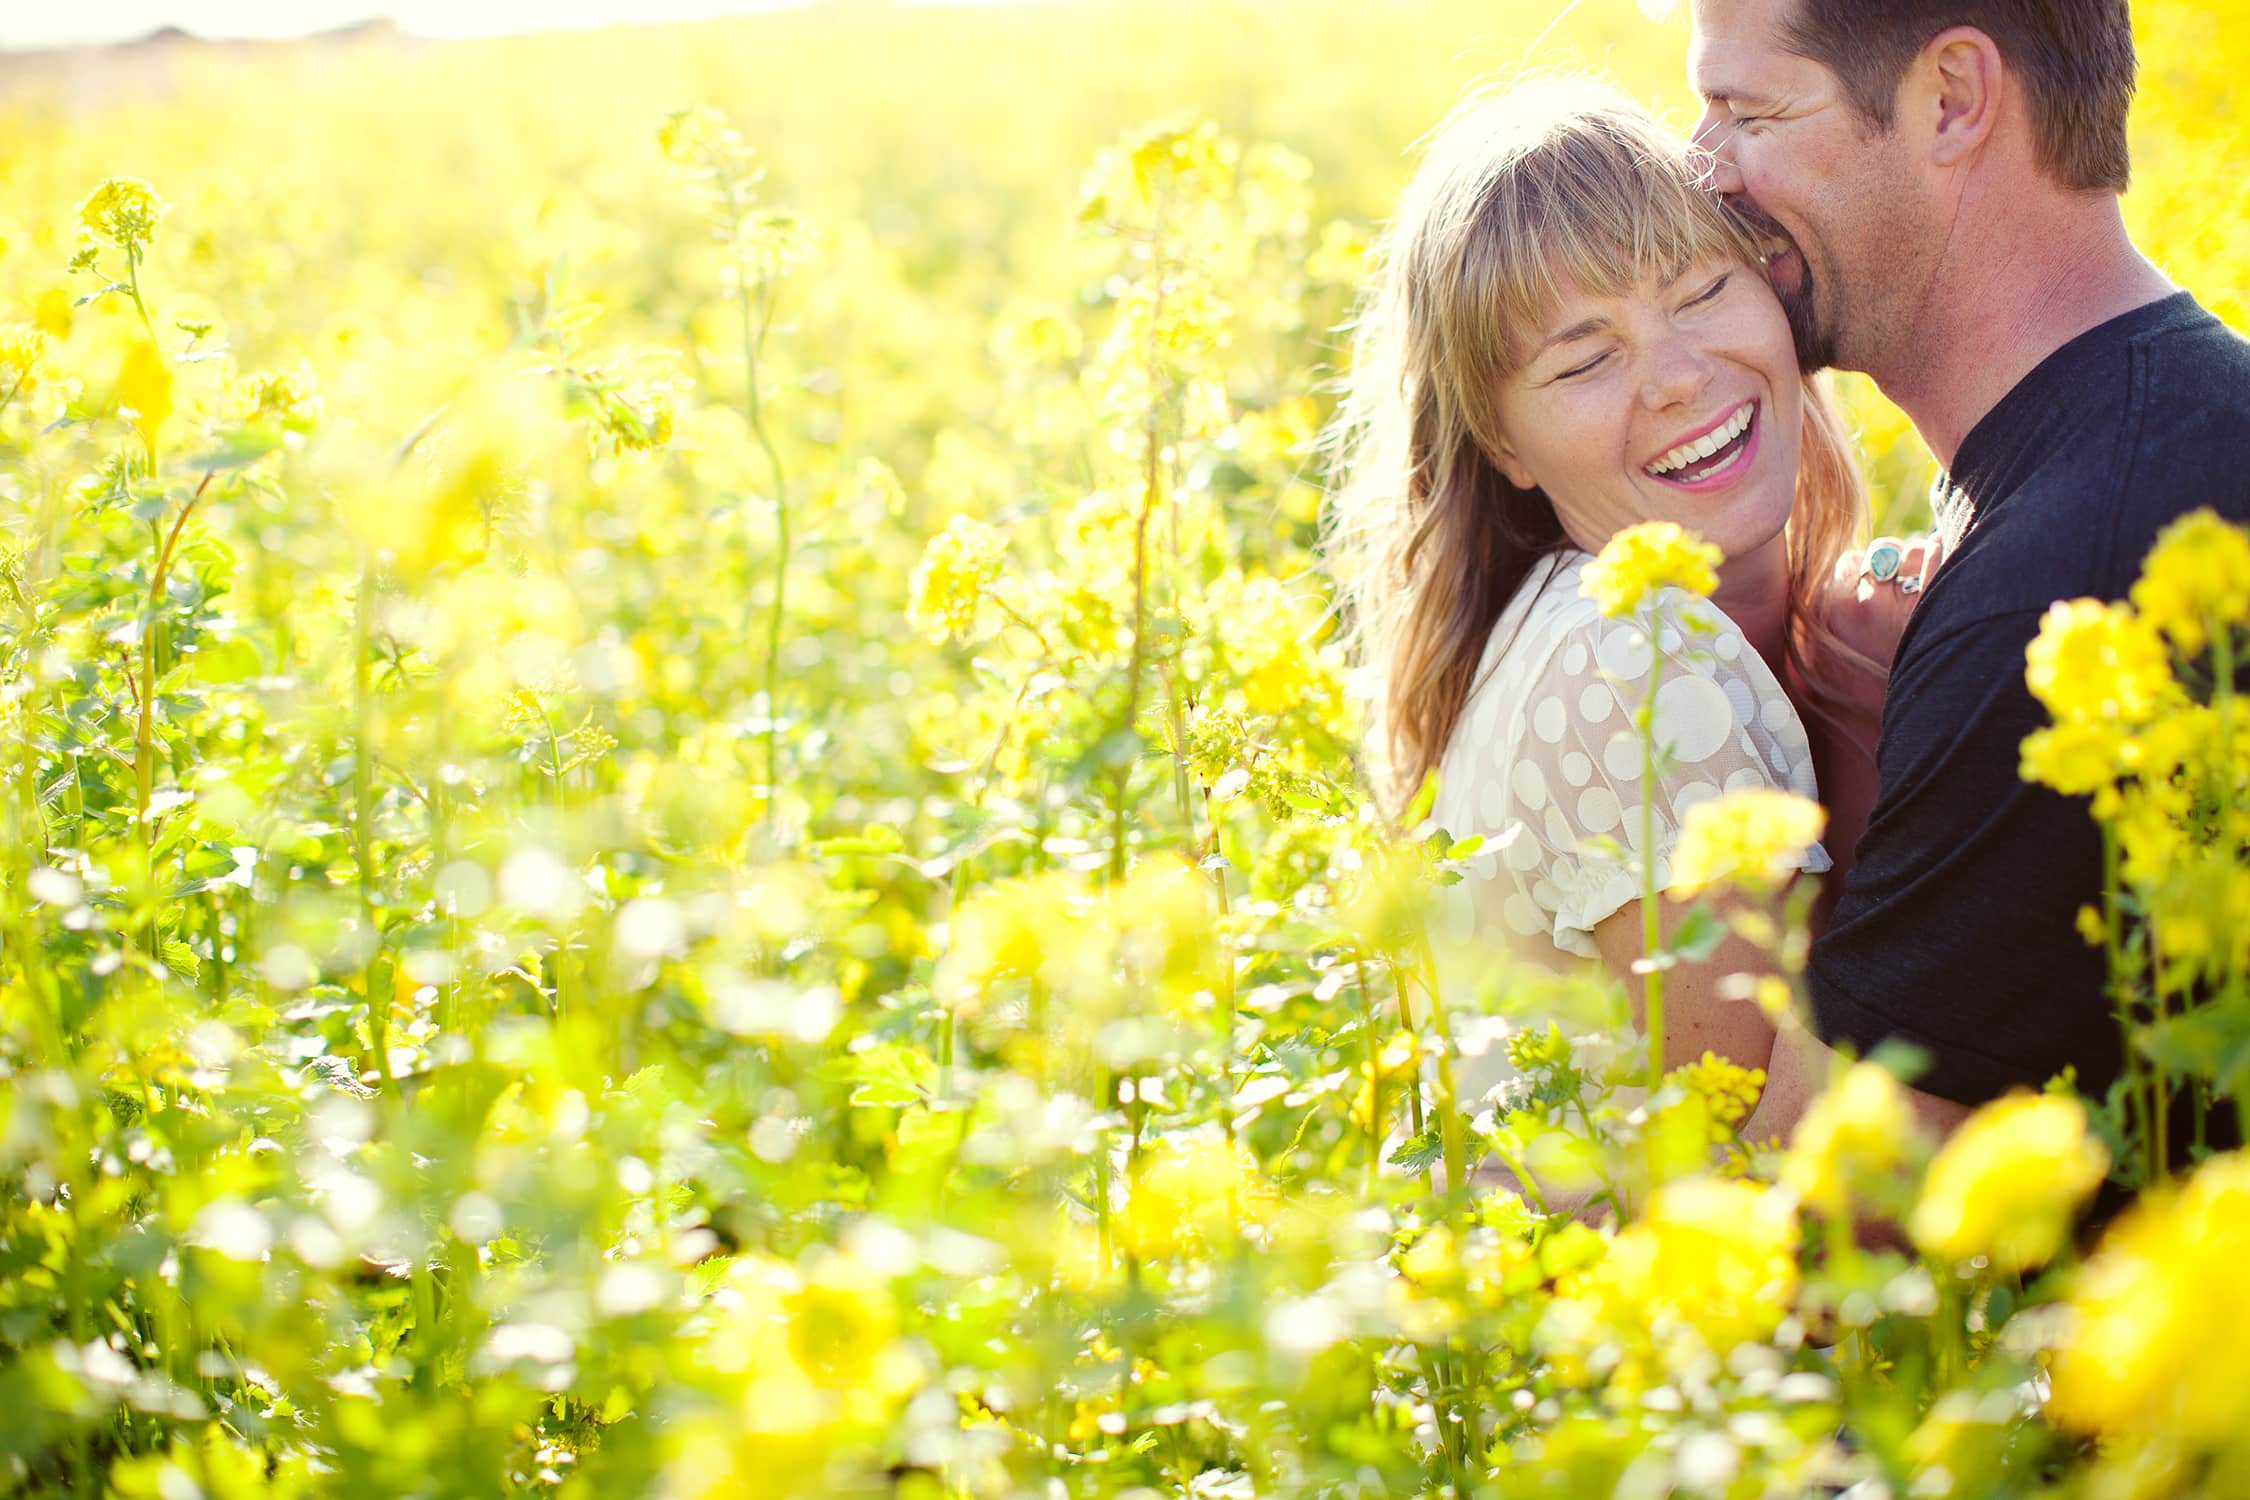 groom kissing bride on the cheek in a field of wildflowers in Santa Cruz California